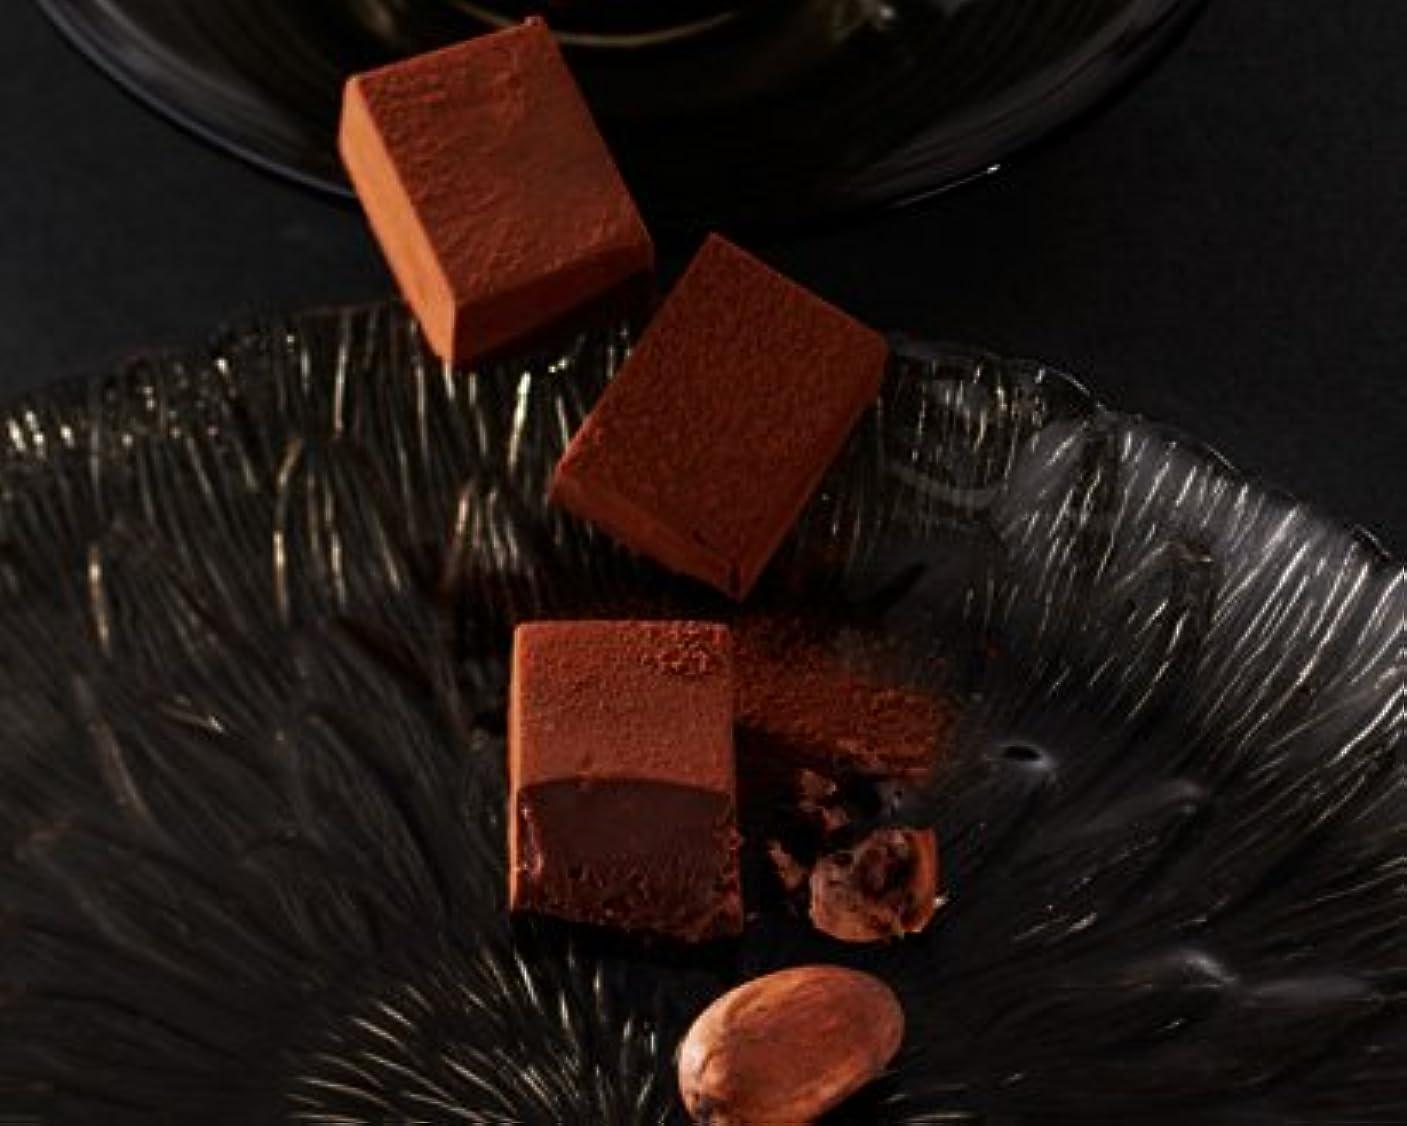 支配するトラフィック結果として[冷蔵便] ROYCE'(ロイズ) 生チョコレート ガーナビター